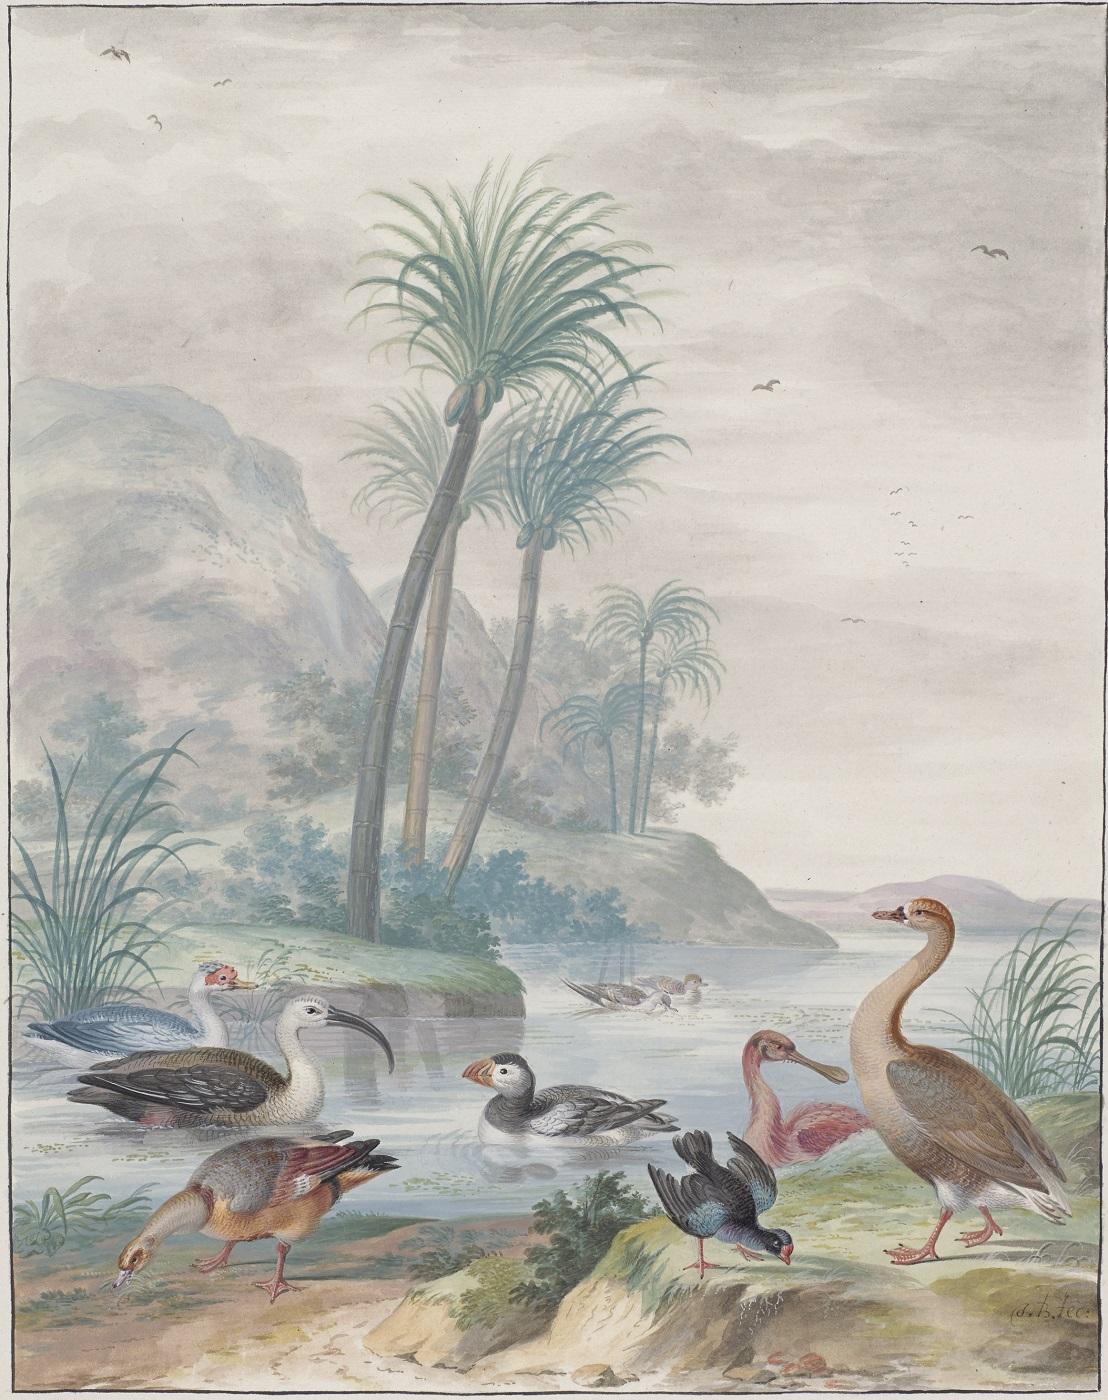 Johannes Bronckhorst, Exotische watervogels in een landschap, foto © Rijksmuseum Amsterdam